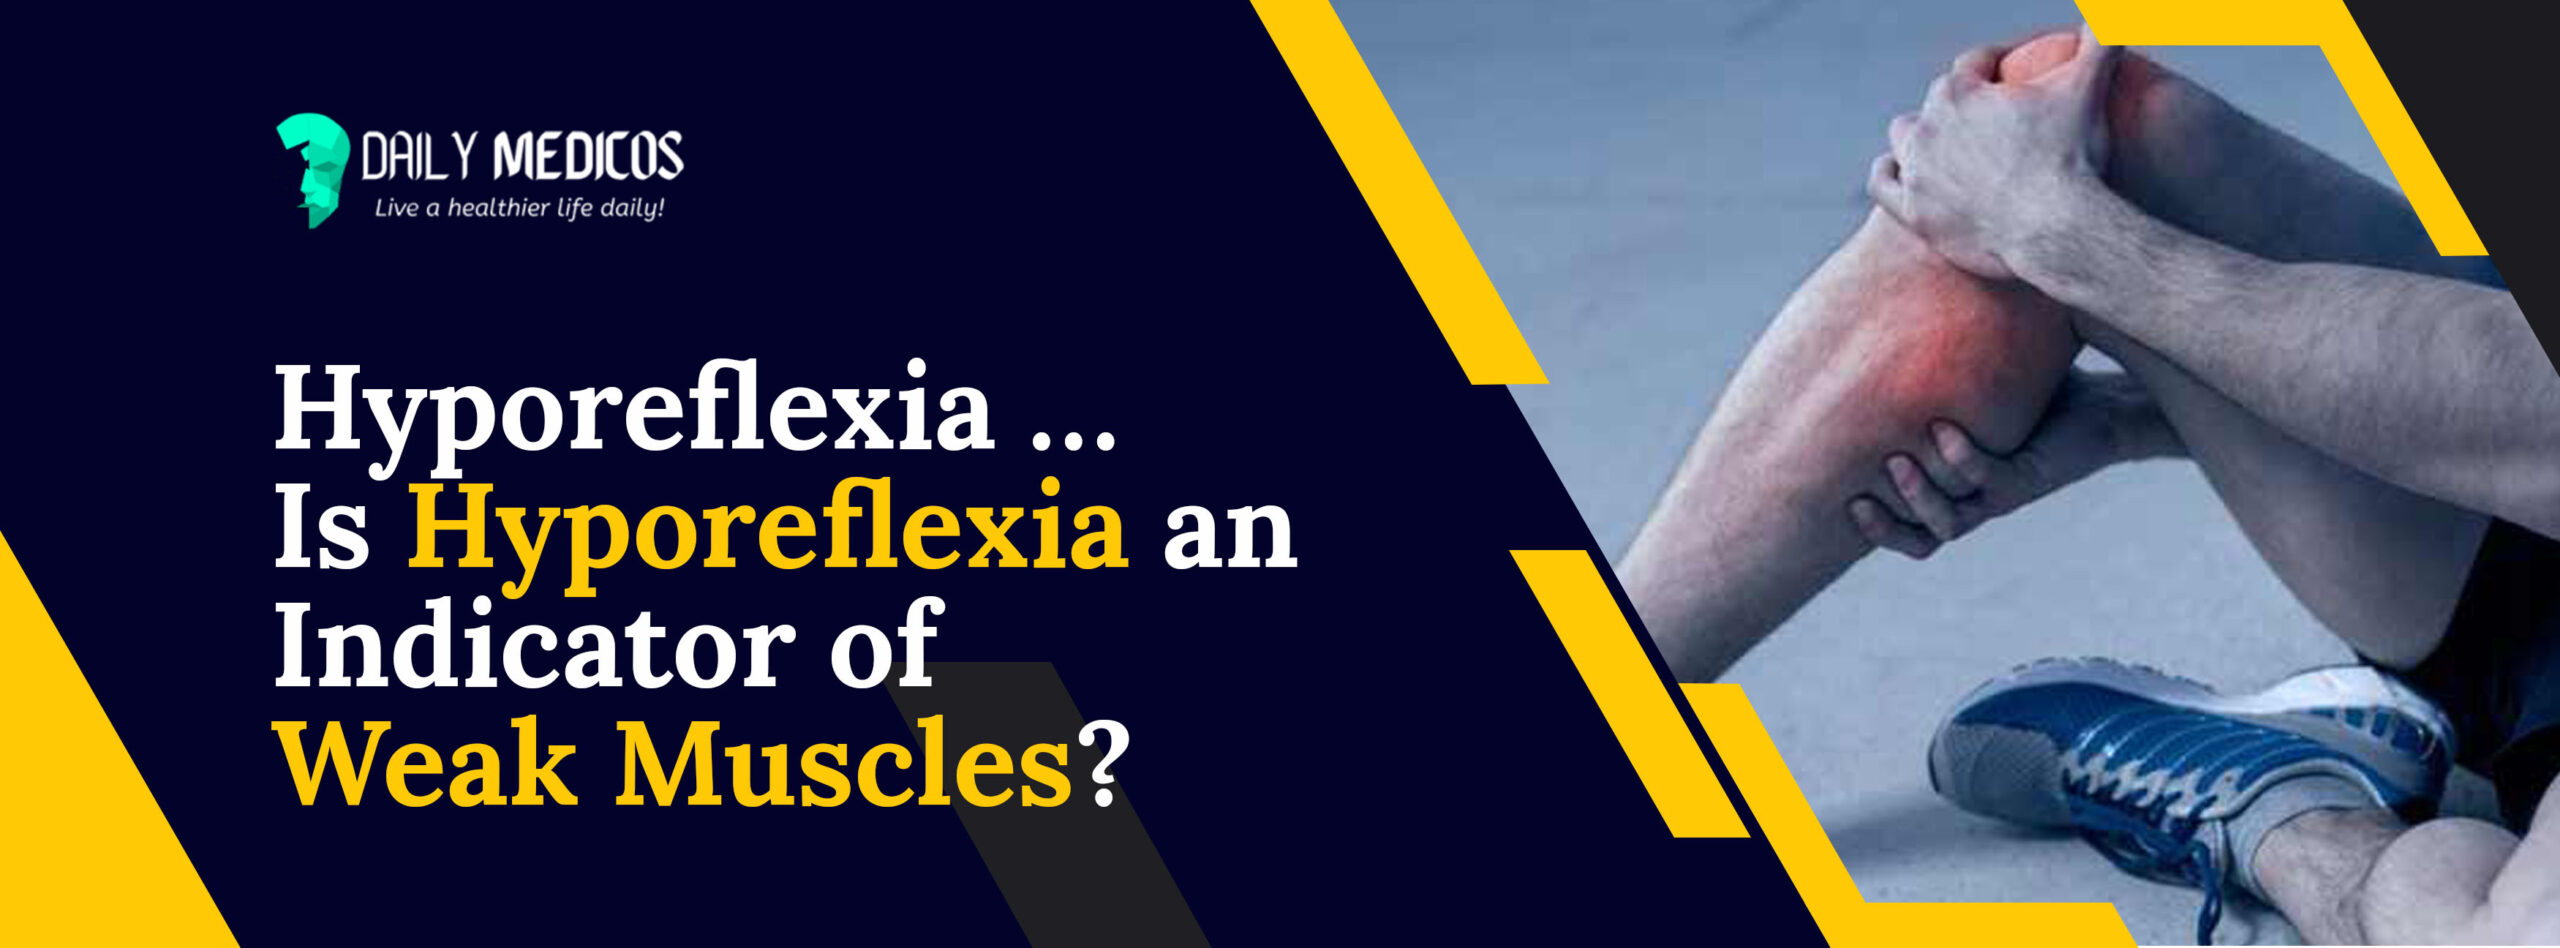 Hyporeflexia ...Is Hyporeflexia an Indicator of Weak Muscles? 11 - Daily Medicos